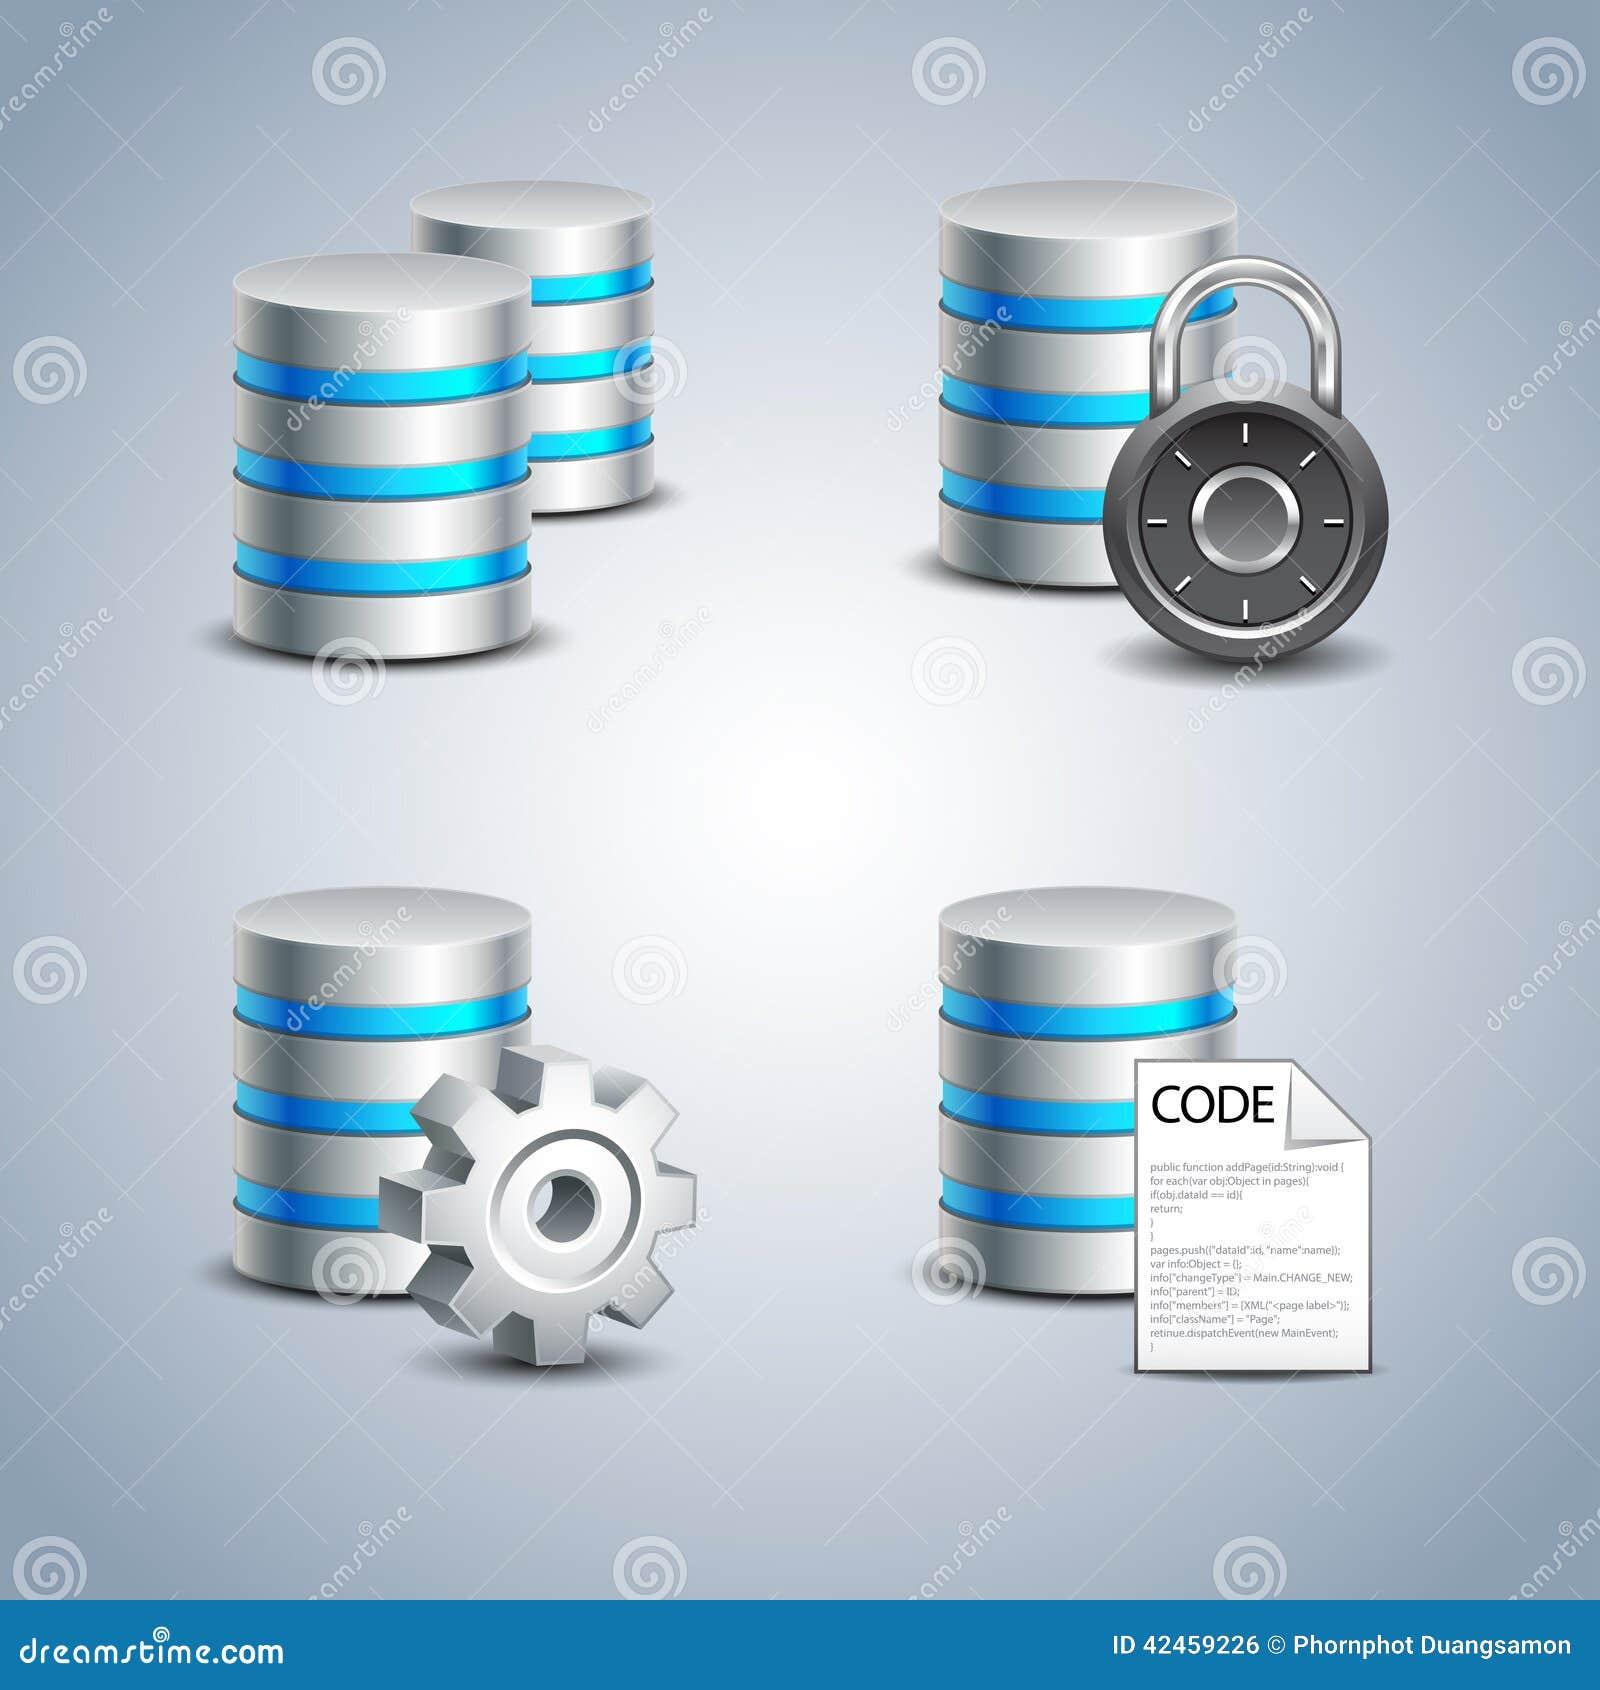 Datenbank-Ikone eingestellt # 1